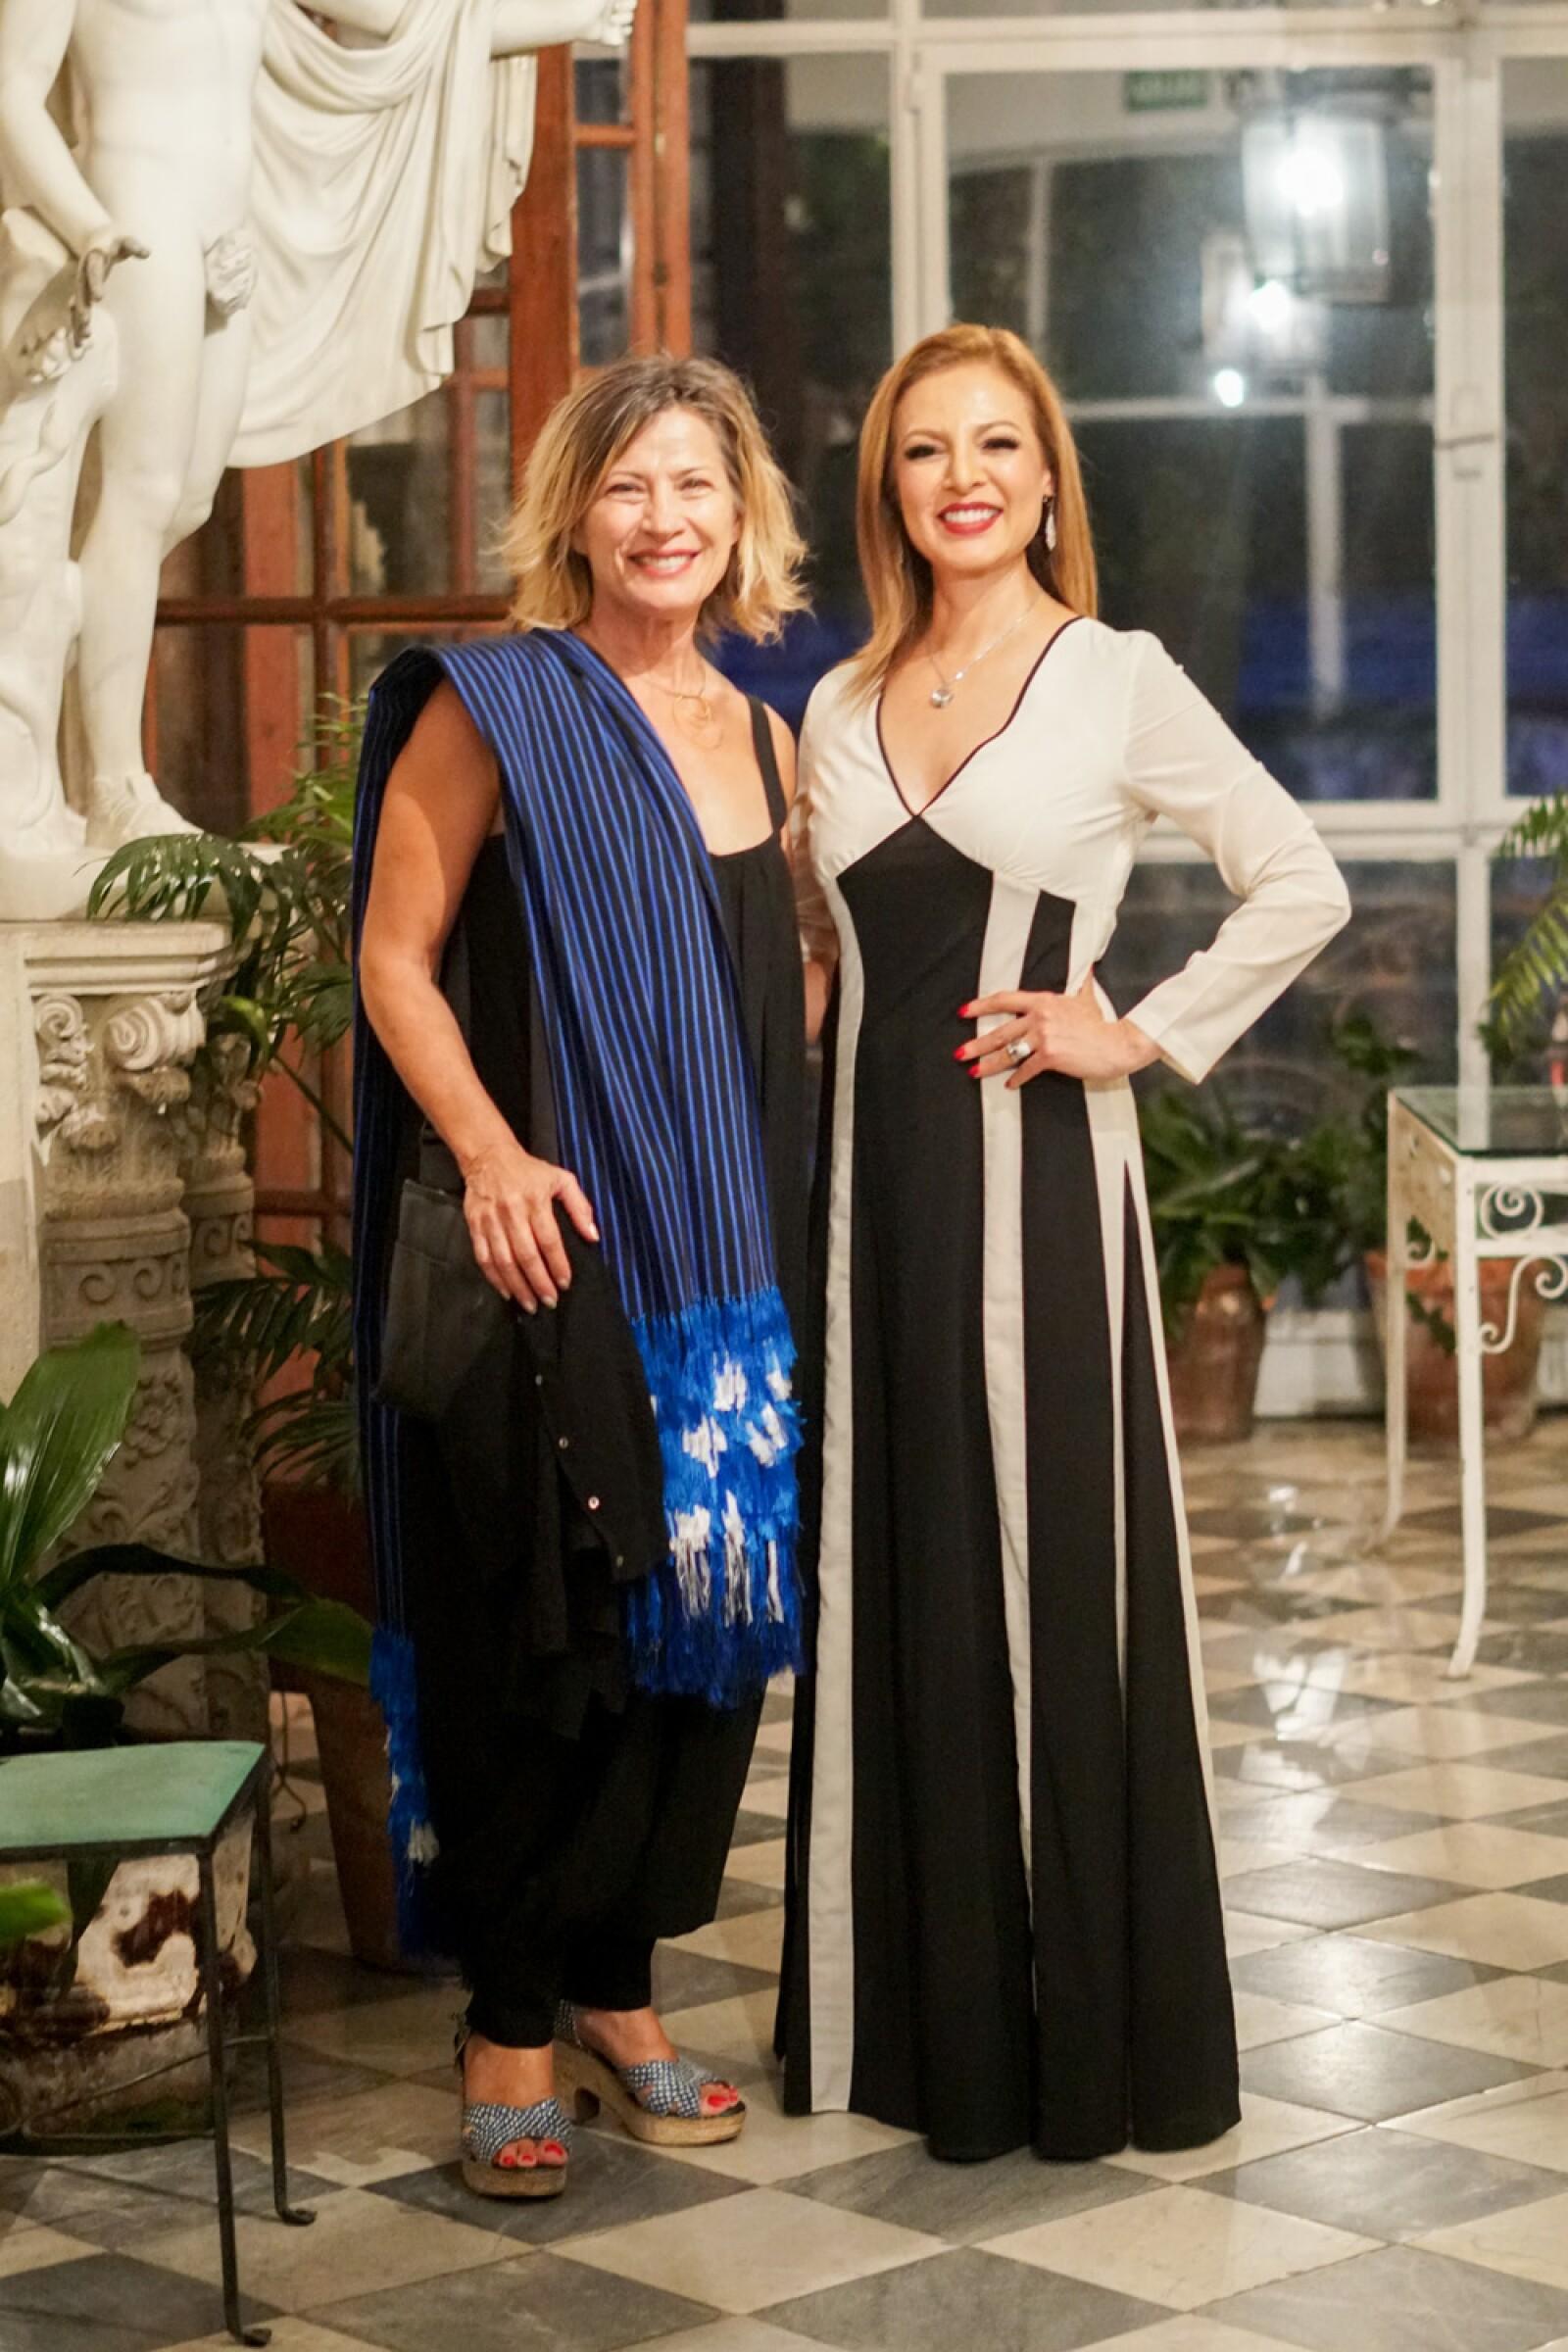 Patricia Bernal y Jamehel Guerra.jpg